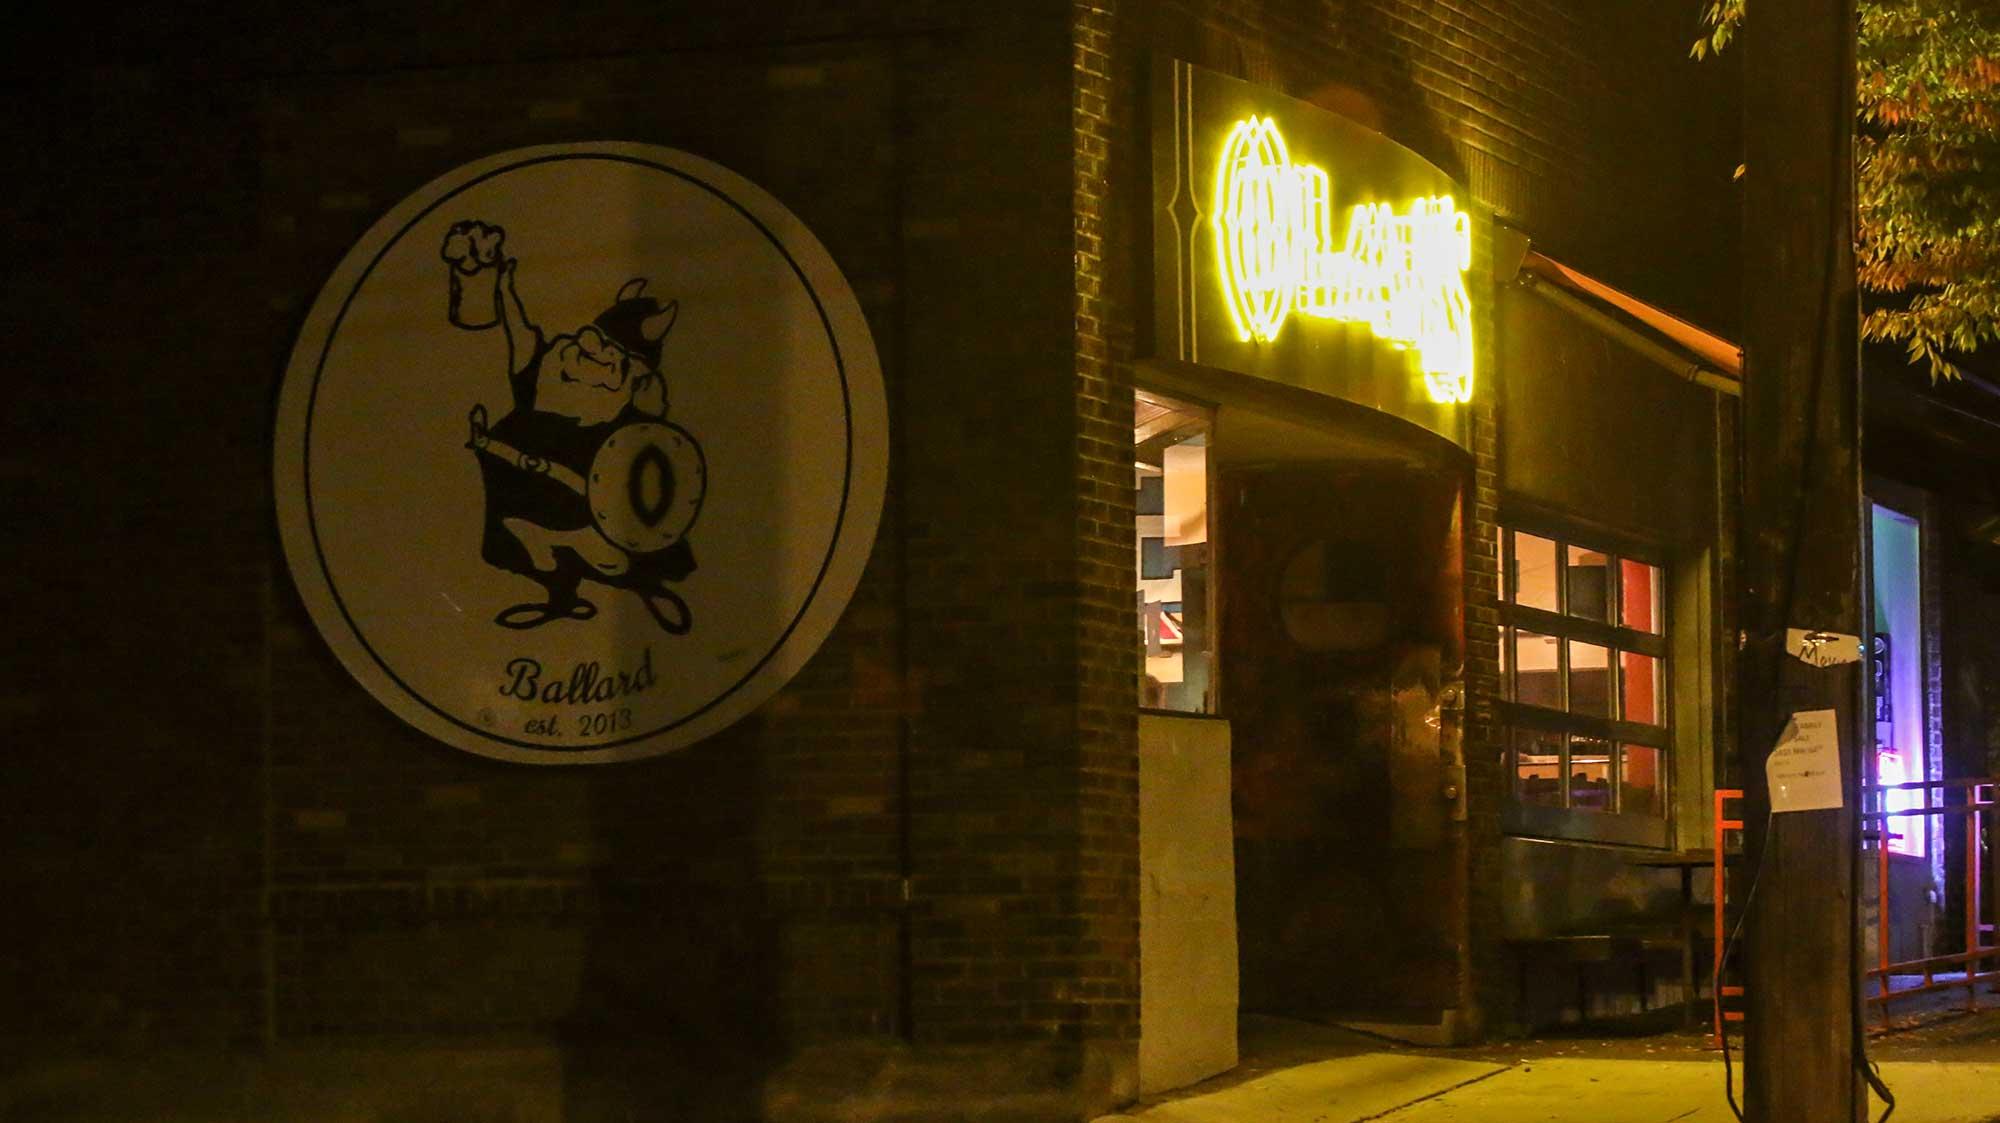 Olaf's-Ballard-Bar.jpg